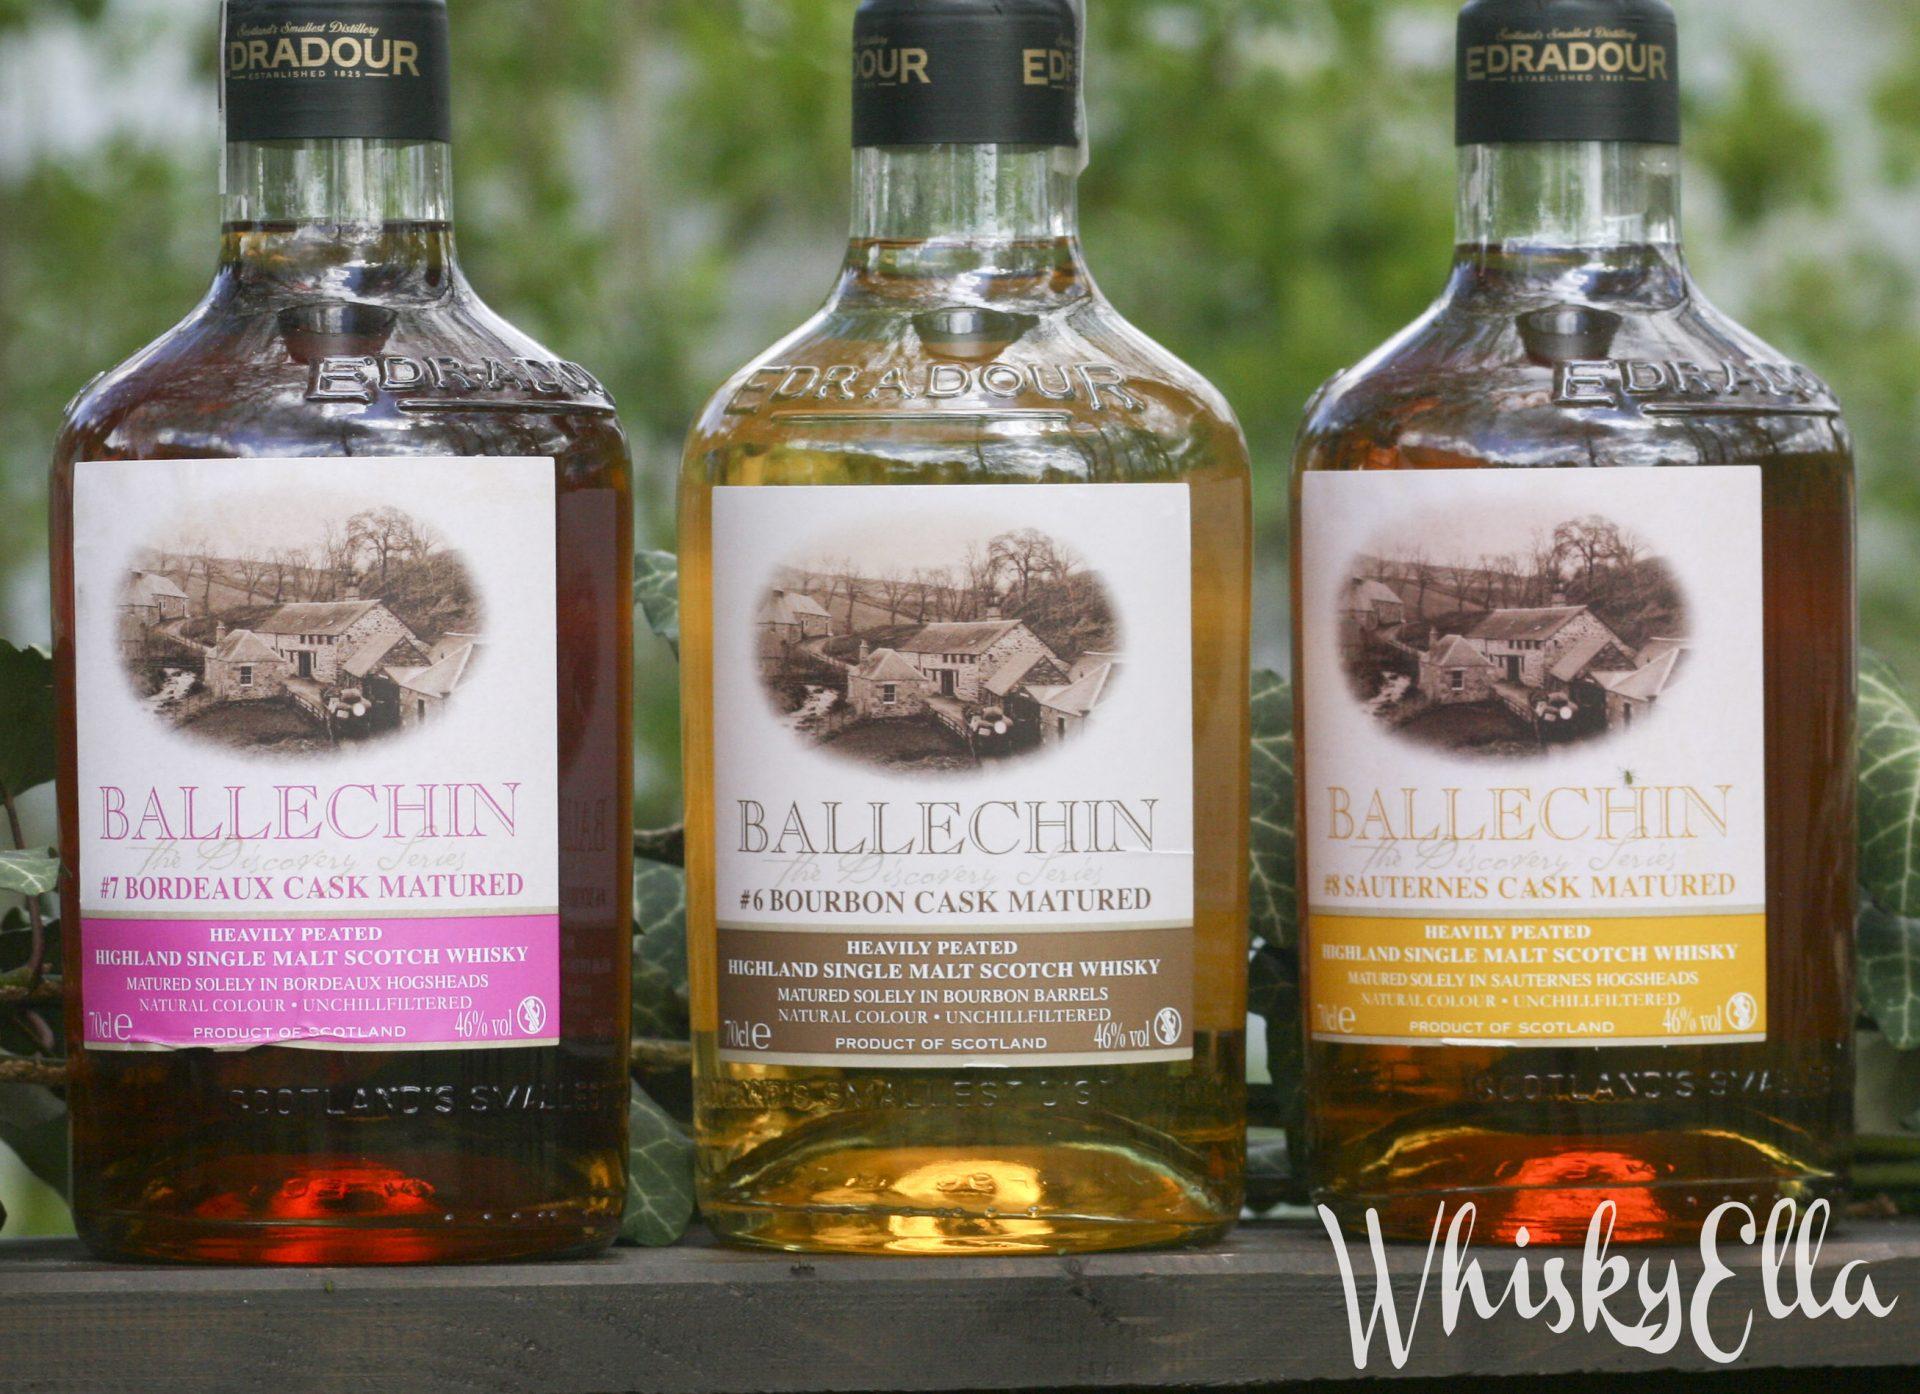 Edradour Ballechin #6 Bourbon Cask, Ballechin #7 Bordeaux Cask i Ballechin #8 Sauternes Cask # 95